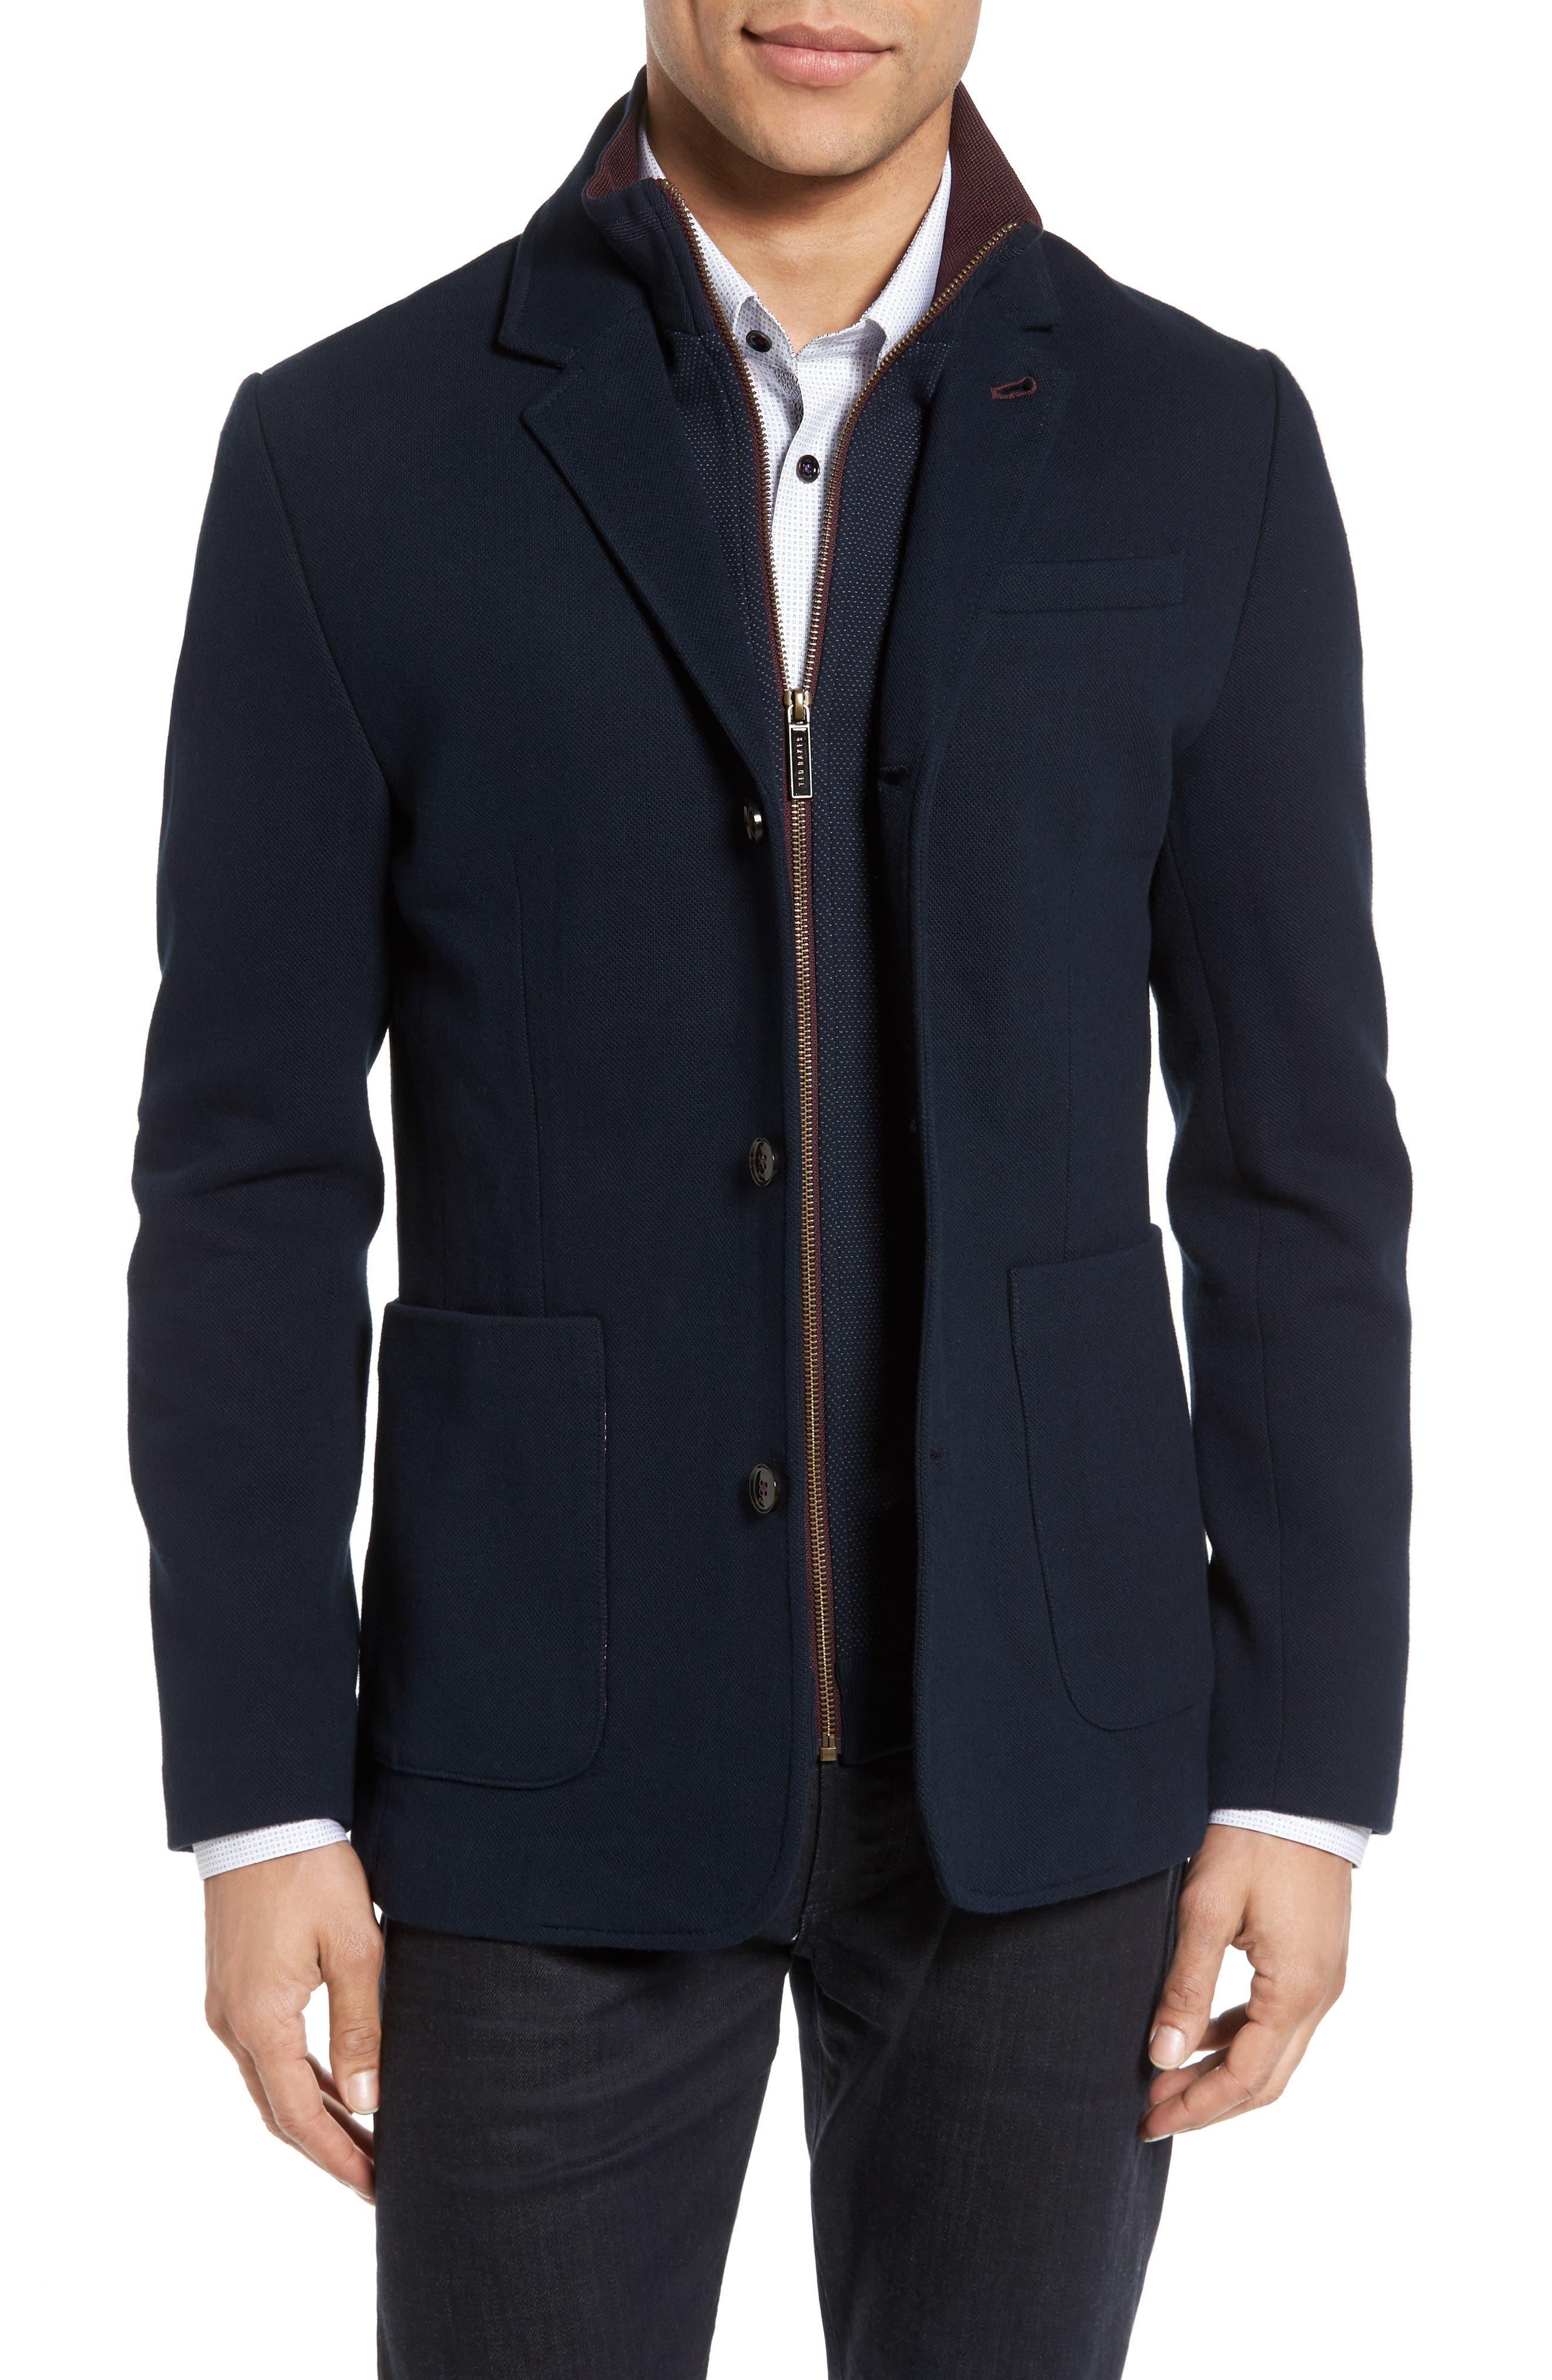 men s coats men s jackets nordstrom #1: